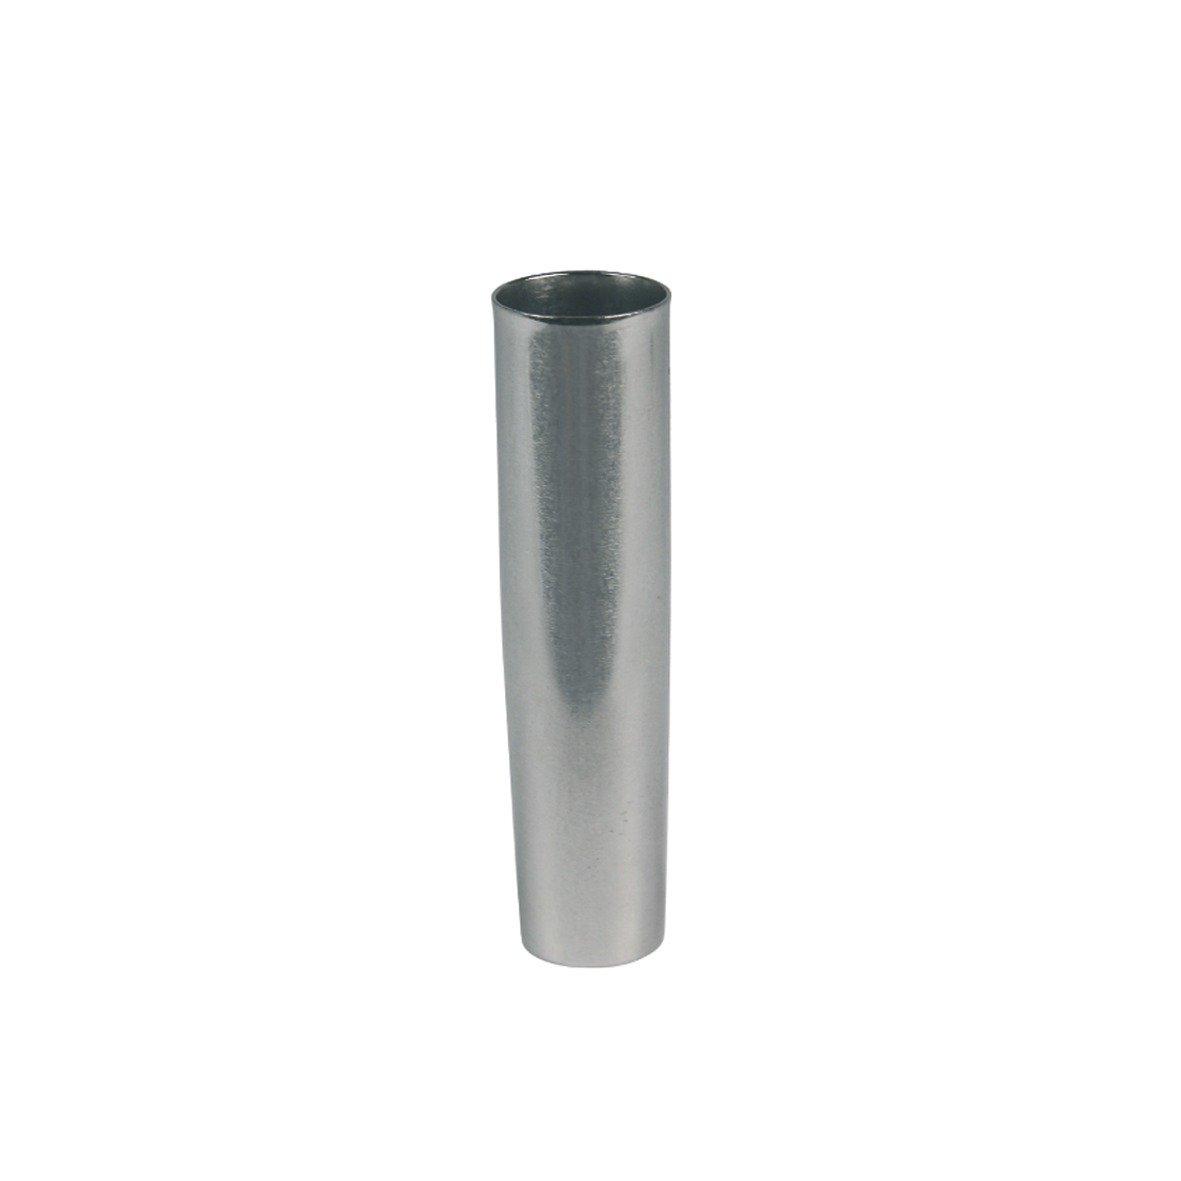 Aufschäumdüsen Hülse Dampfrohr  chrom Kaffeevollautomat  Saeco 11001621 Original